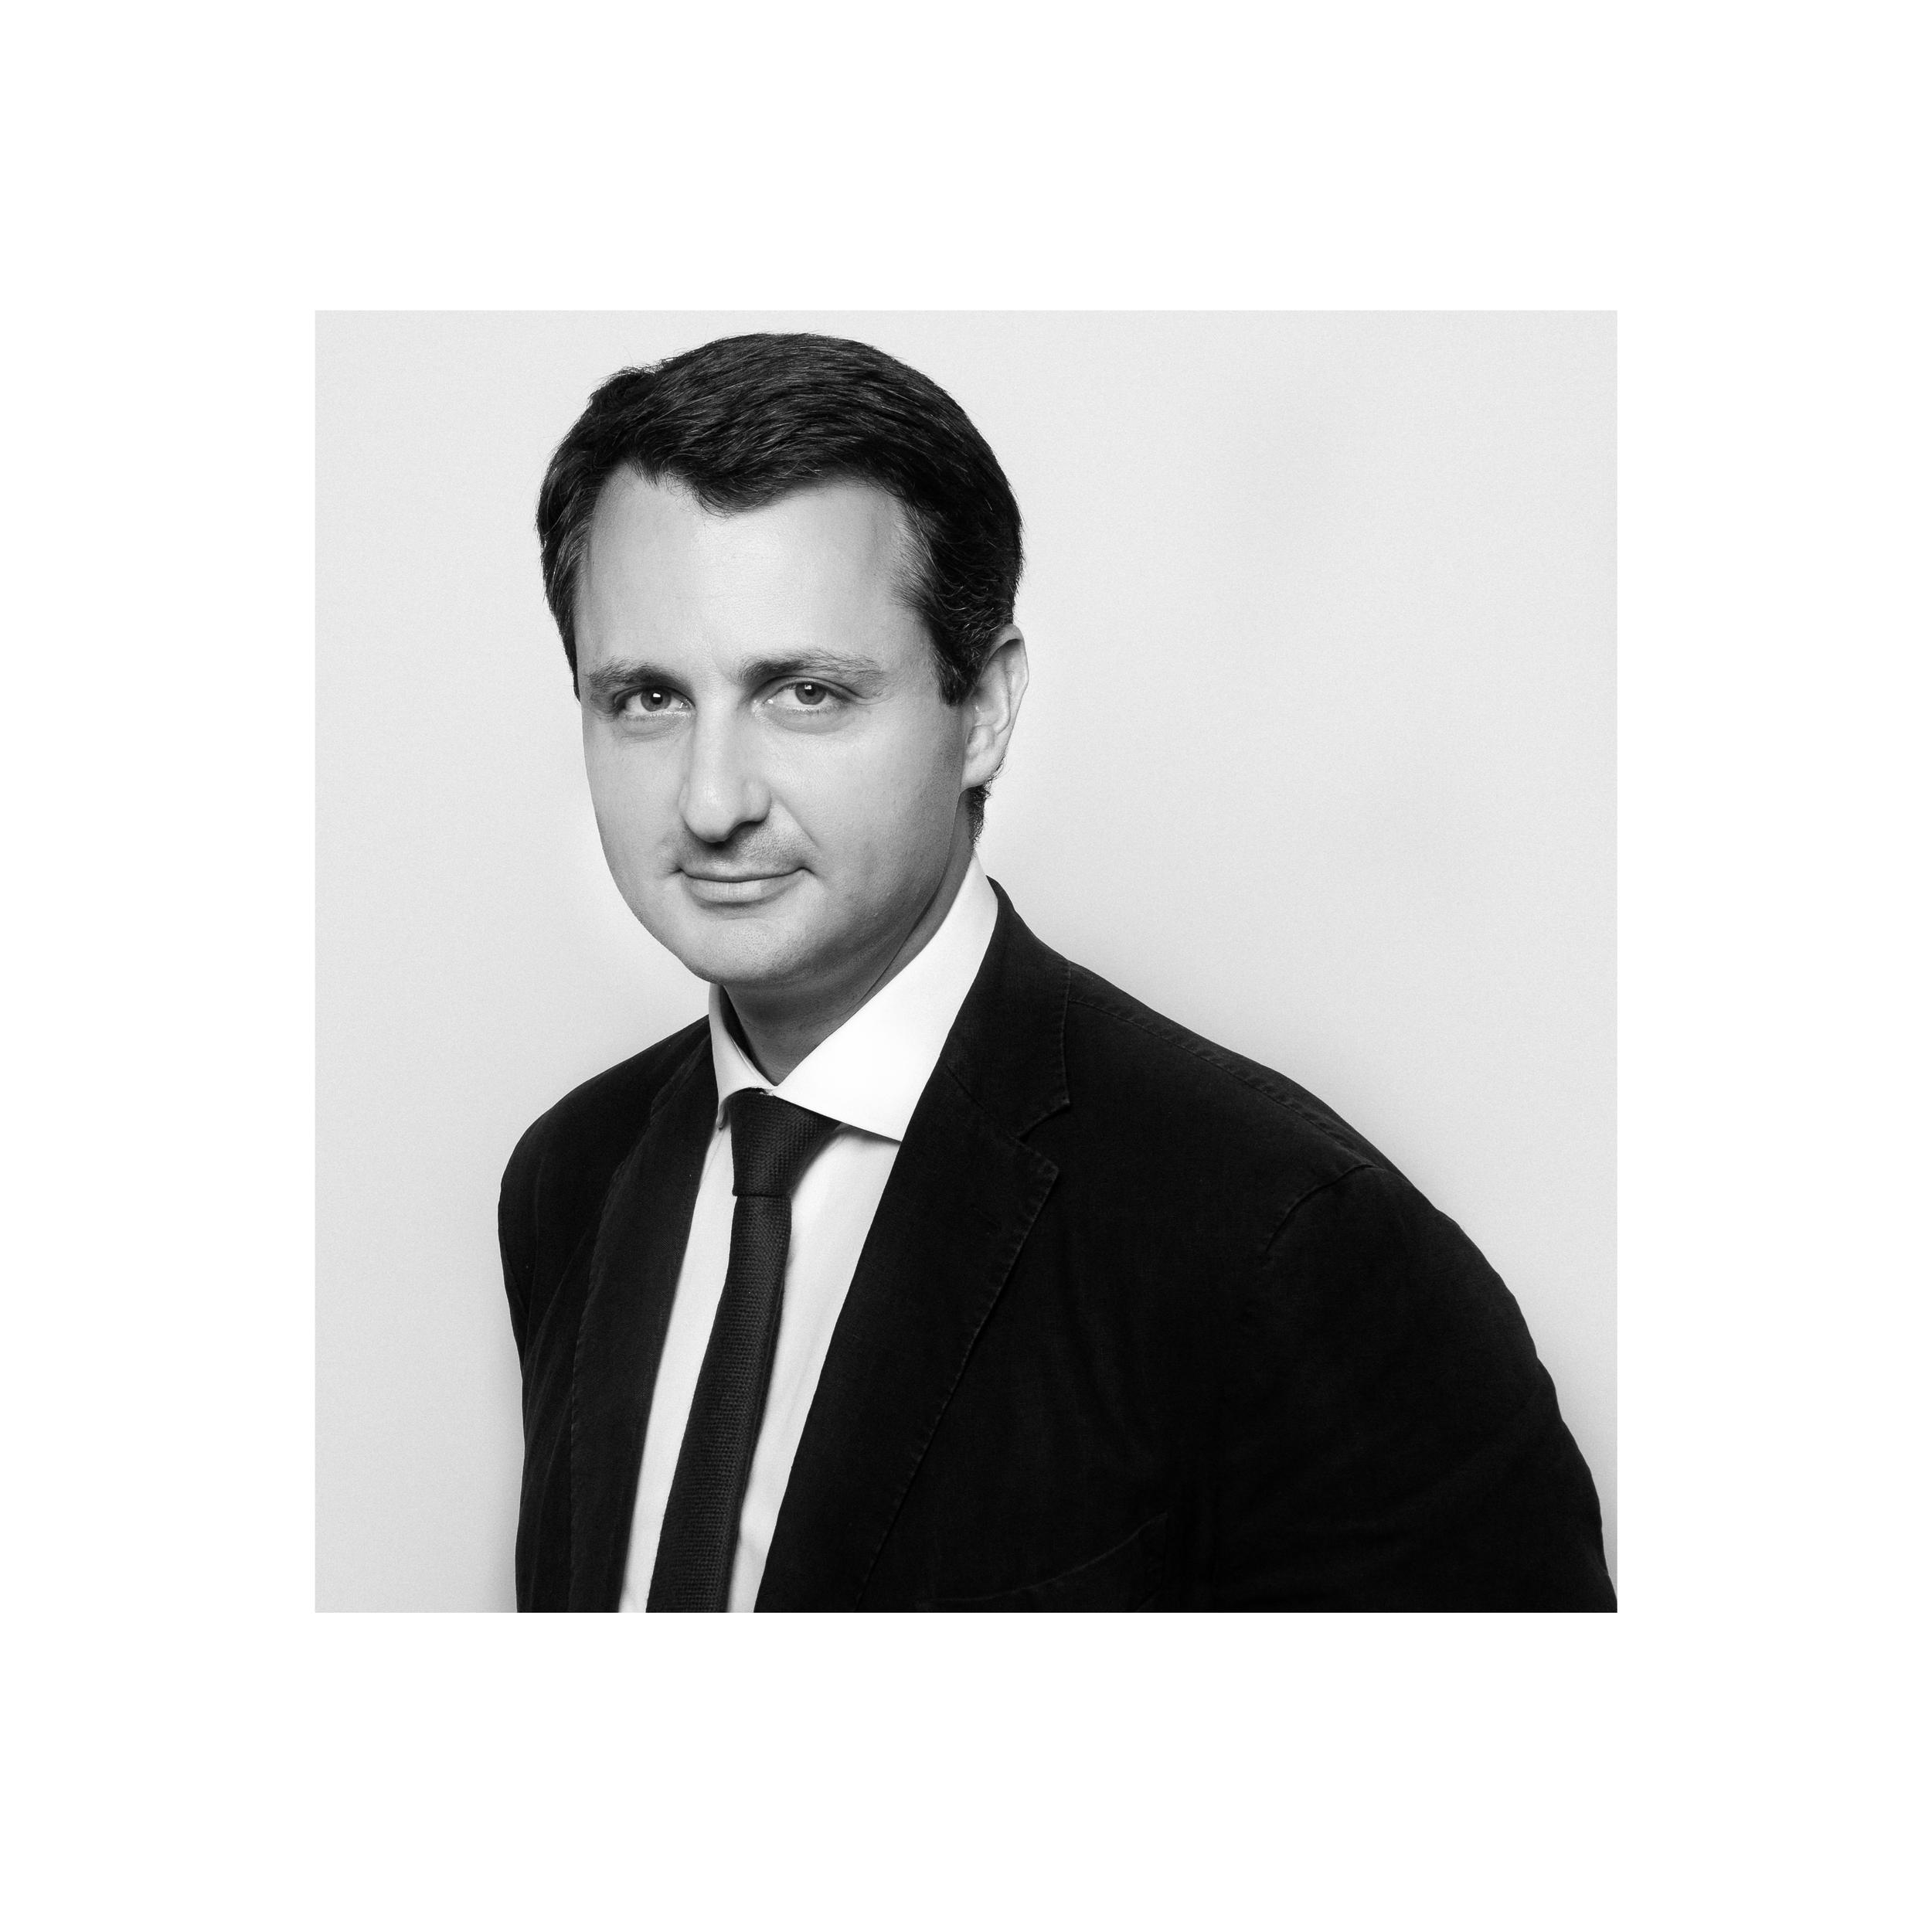 photographe portrait Paris | Sébastien Borda photographe corporate et entreprises Paris